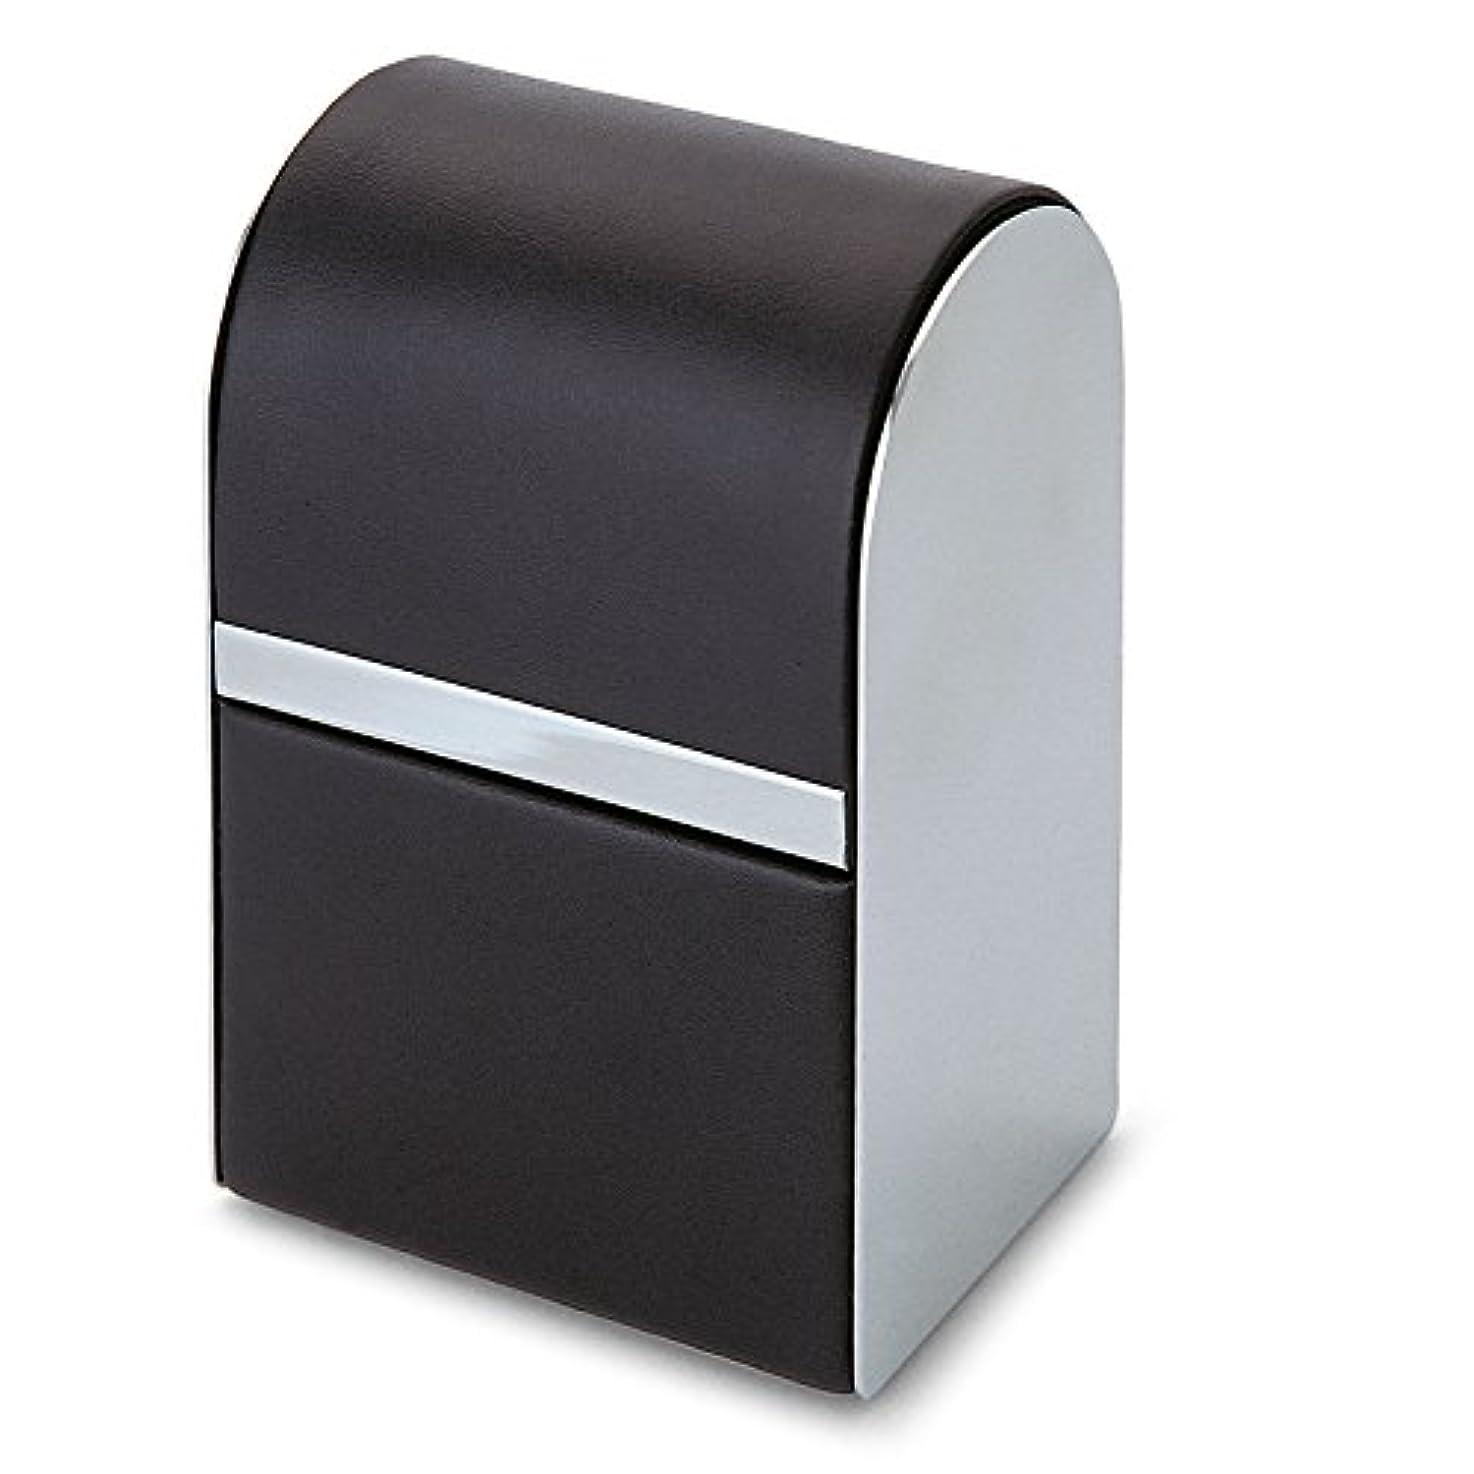 優雅なへこみ泥だらけPhilippi Giorgio メンズ身だしなみキット 7pcsセット leather stainless polished